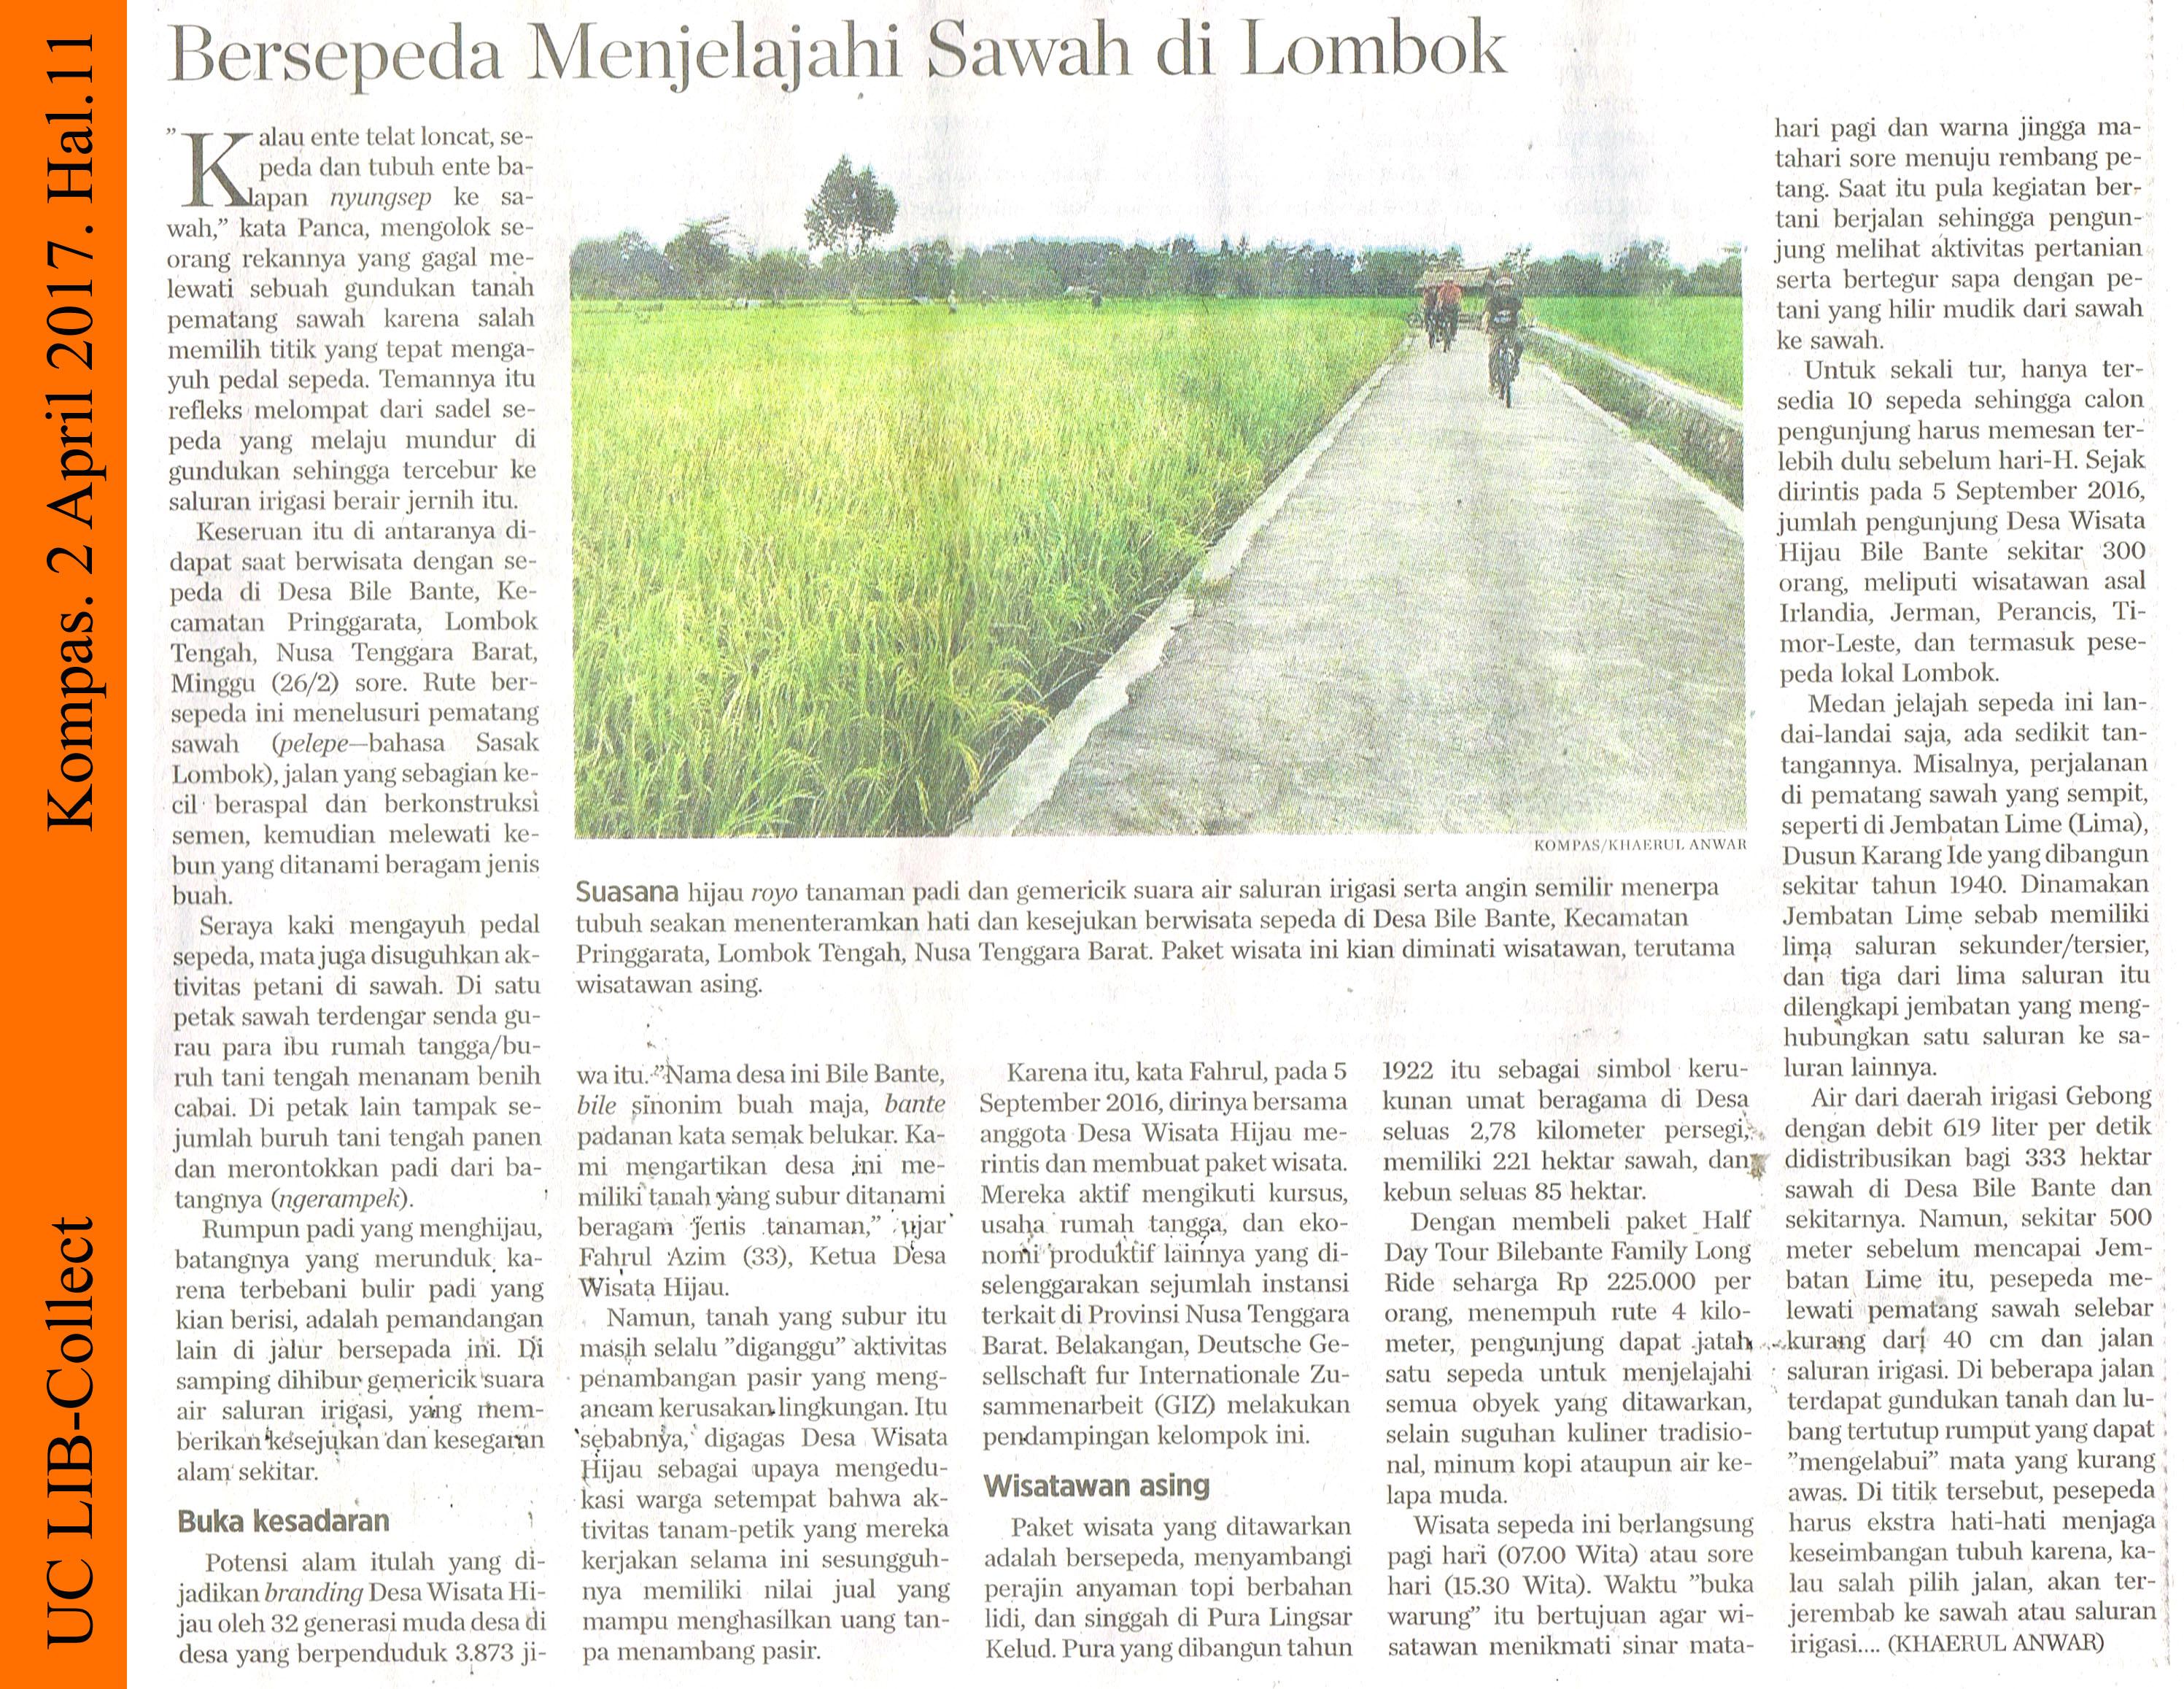 Bersepeda Menjelajahi Sawah di Lombok. Kompas. 2 April 2017. Hal.11